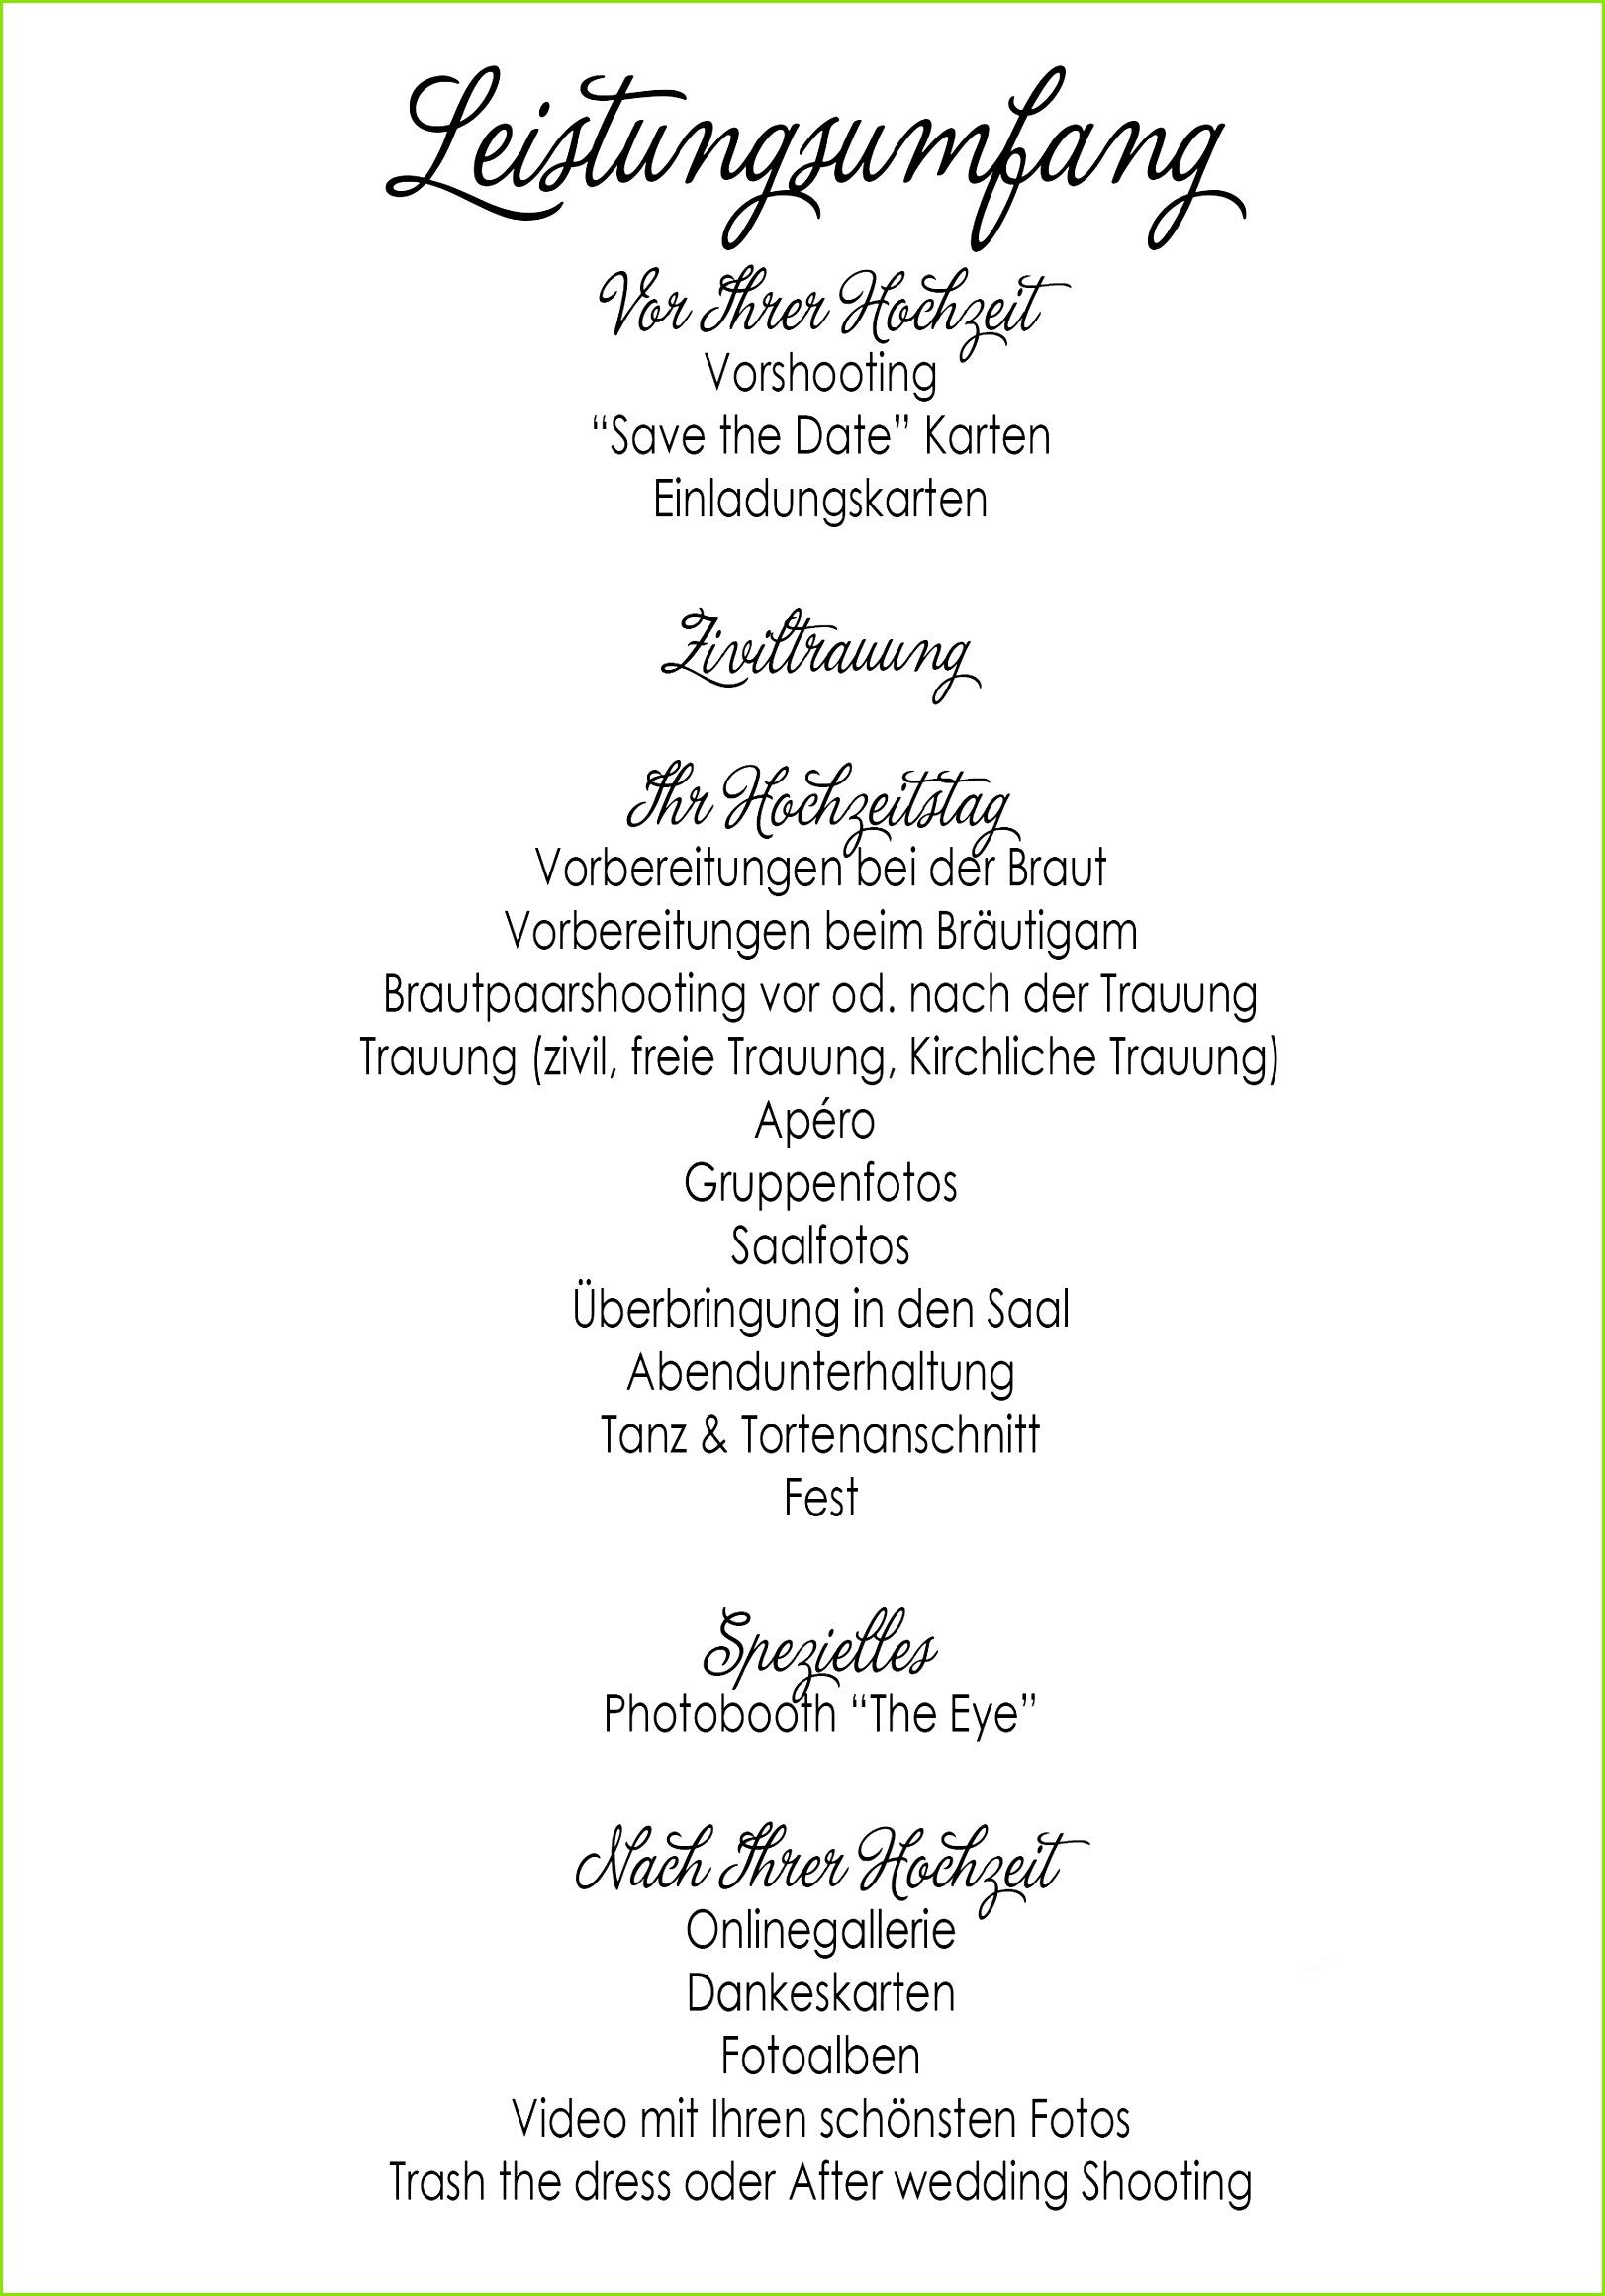 Gutschein Essen Gehen Vorlage Kostenlos Schönheit 11 Besten Qualifiziert Gutschein Fur Essen Vorlage